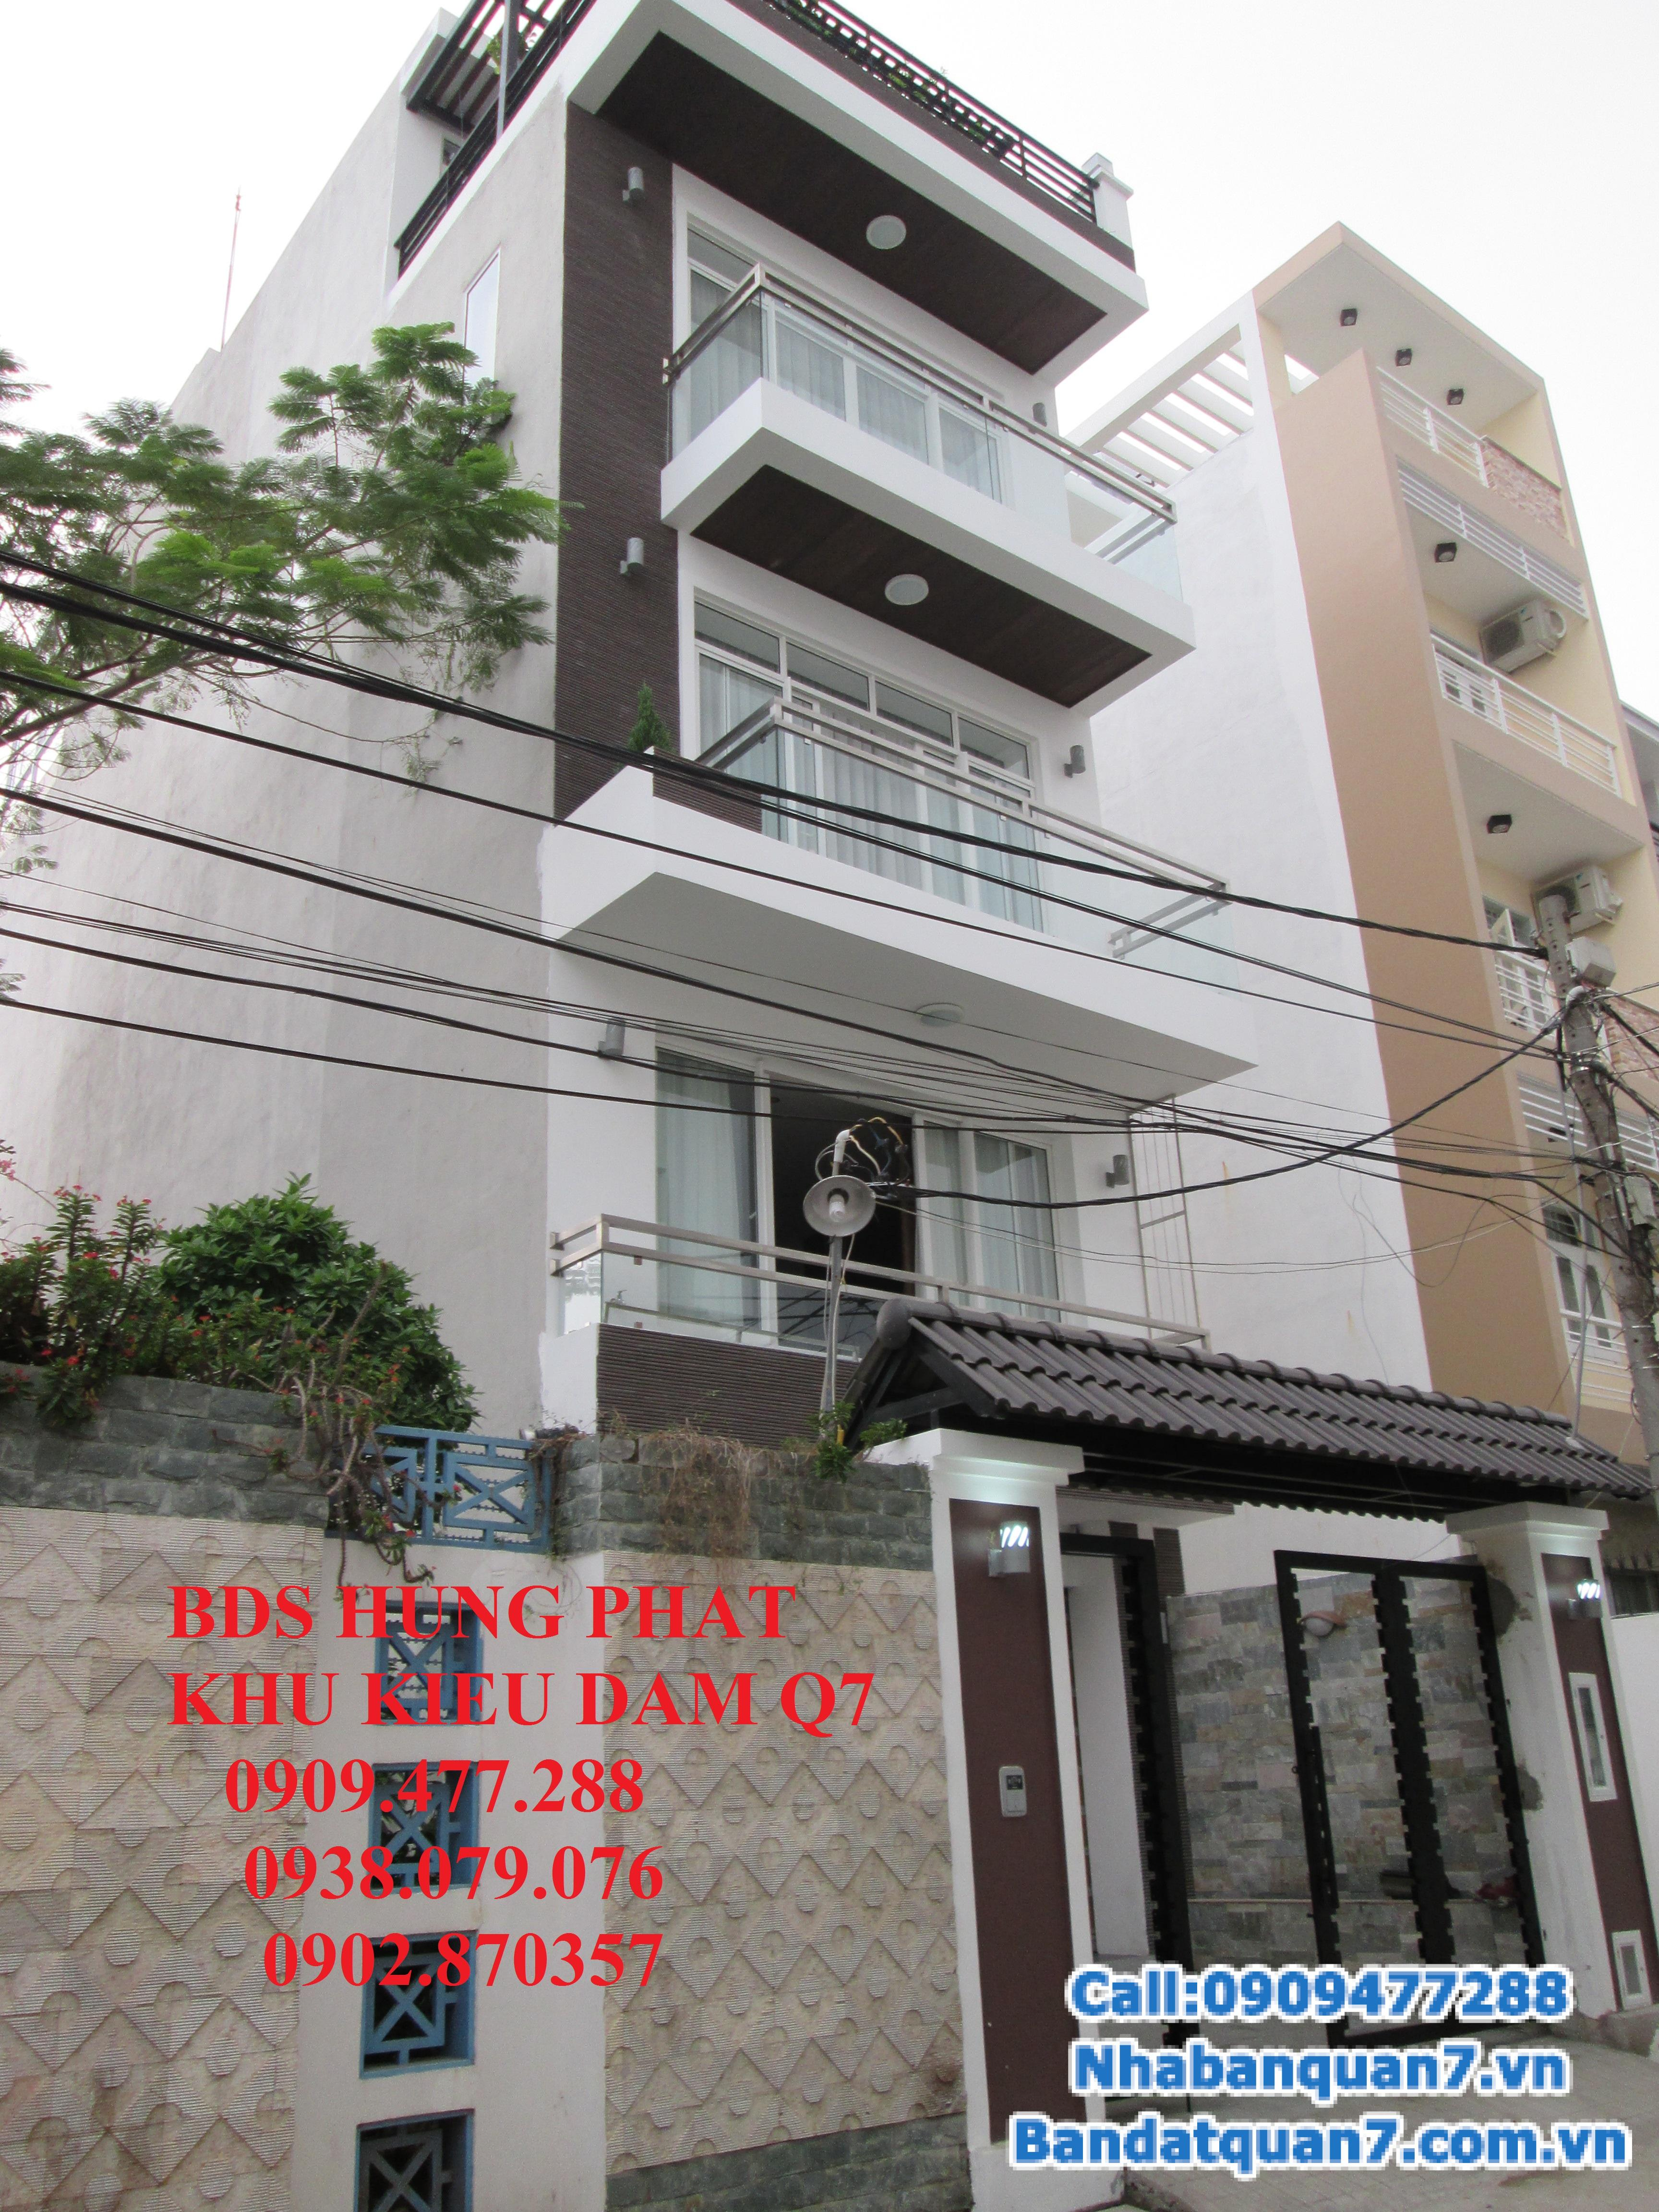 Cần bán căn nhà kiều đàm 793 Trần Xuân Soạn, P.Tân Hưng, Q.7